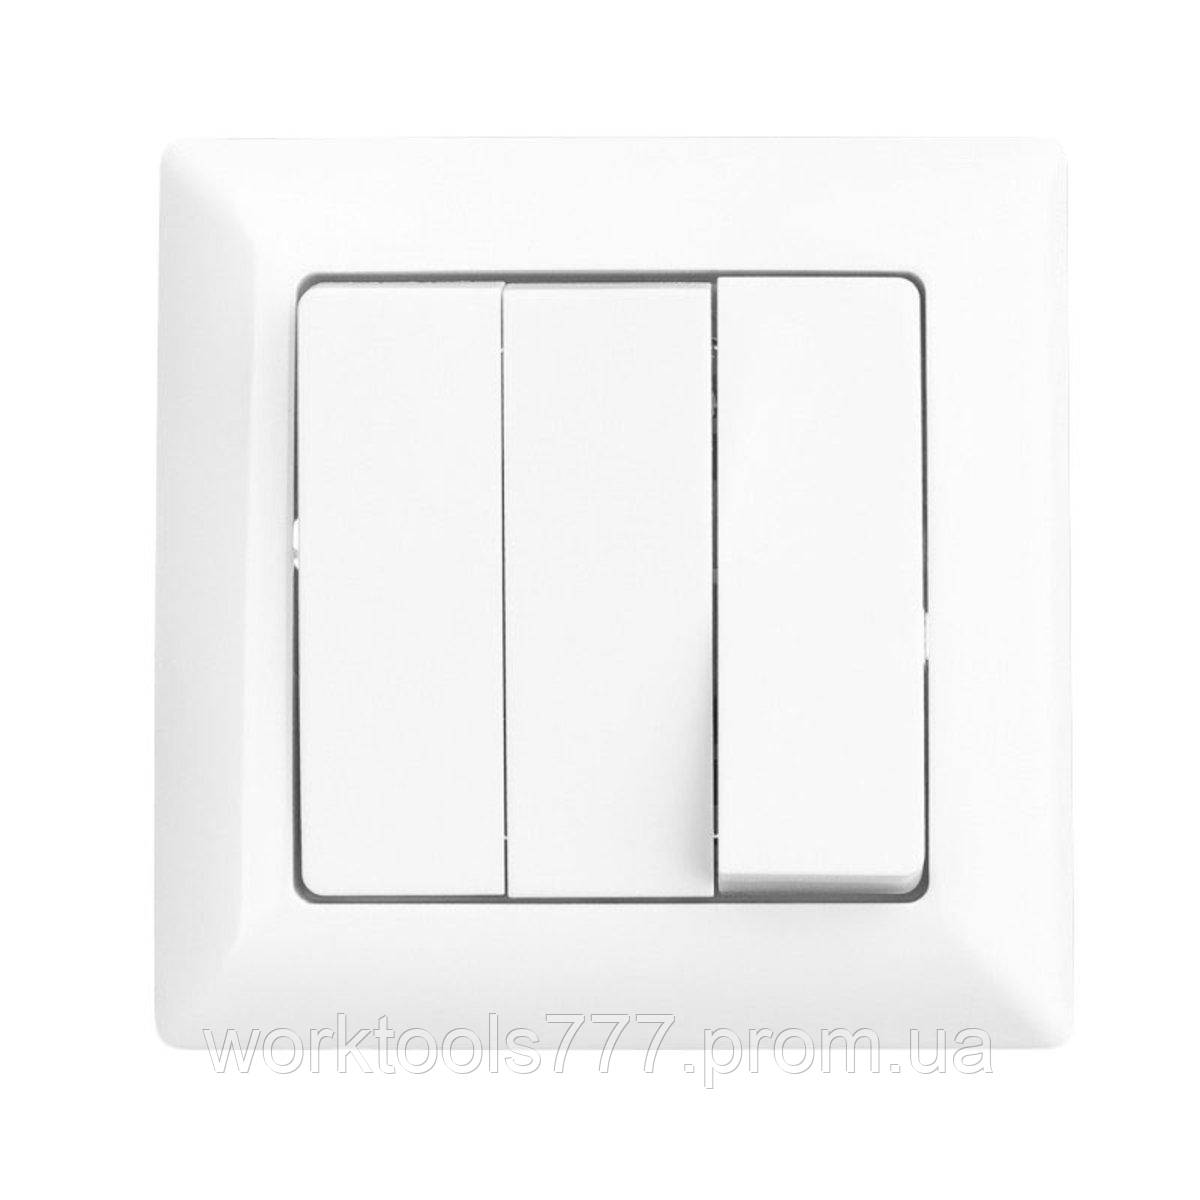 Lectris вимикач 3-ої білий